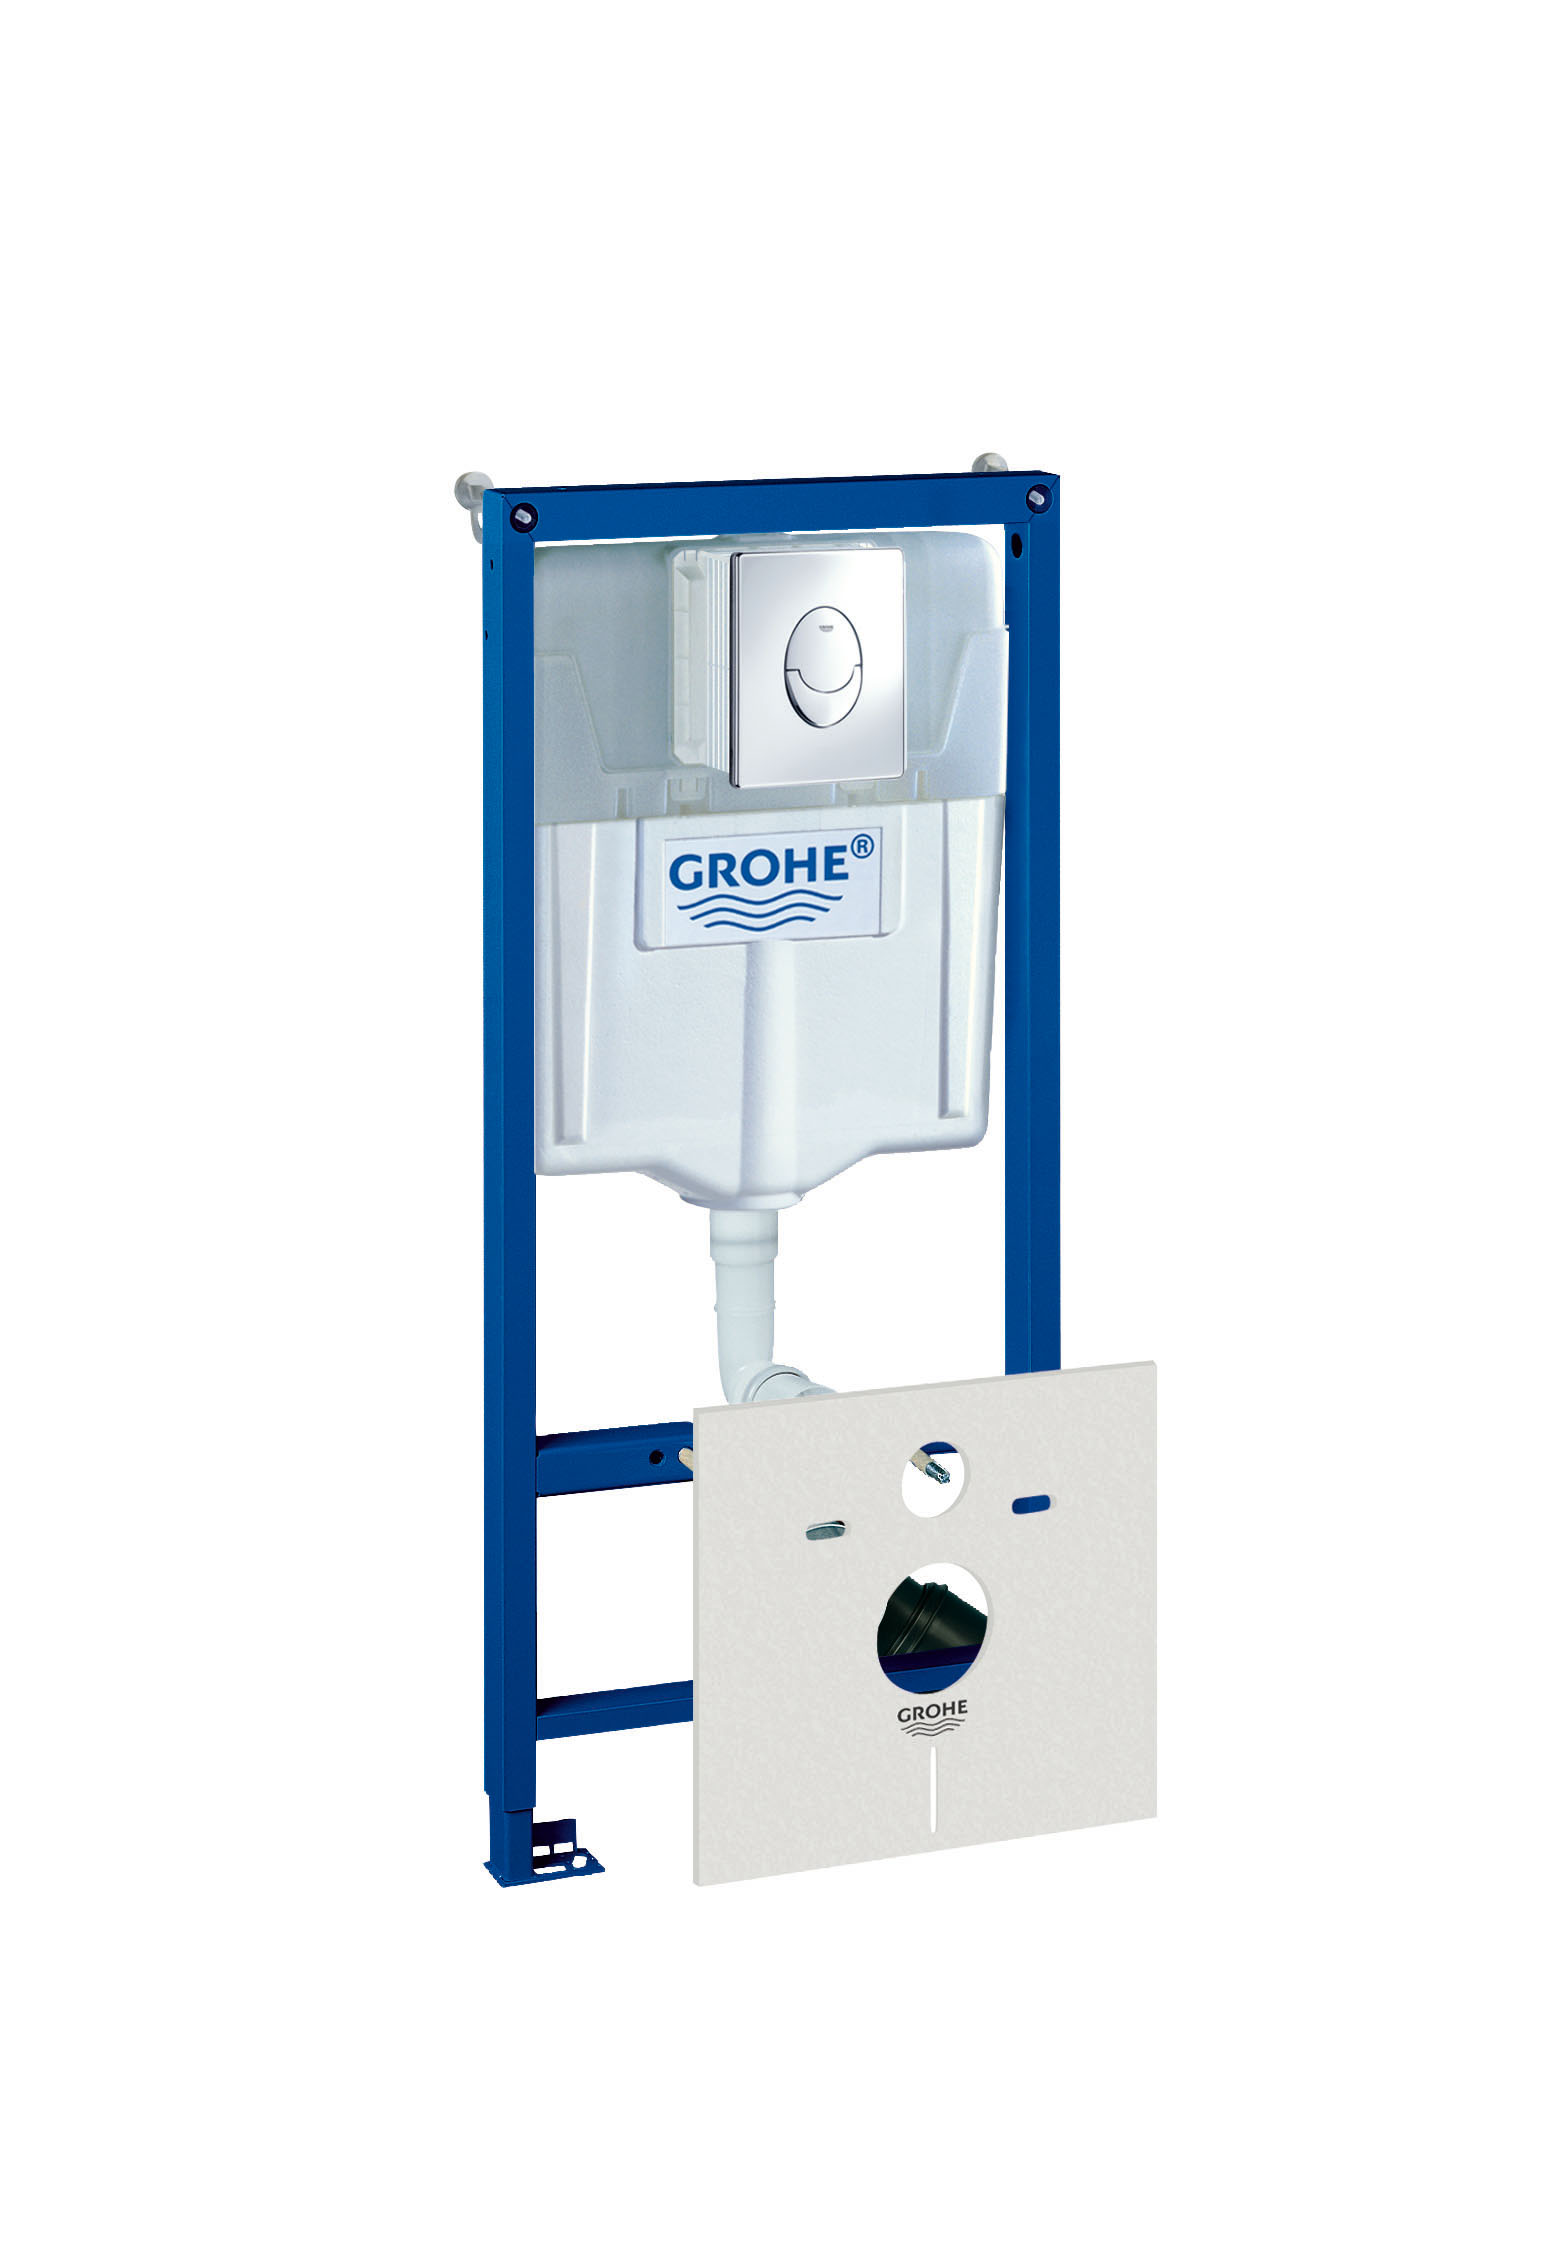 купить Инсталляция для унитаза Grohe Rapid sl 4 в 1 38750001 онлайн